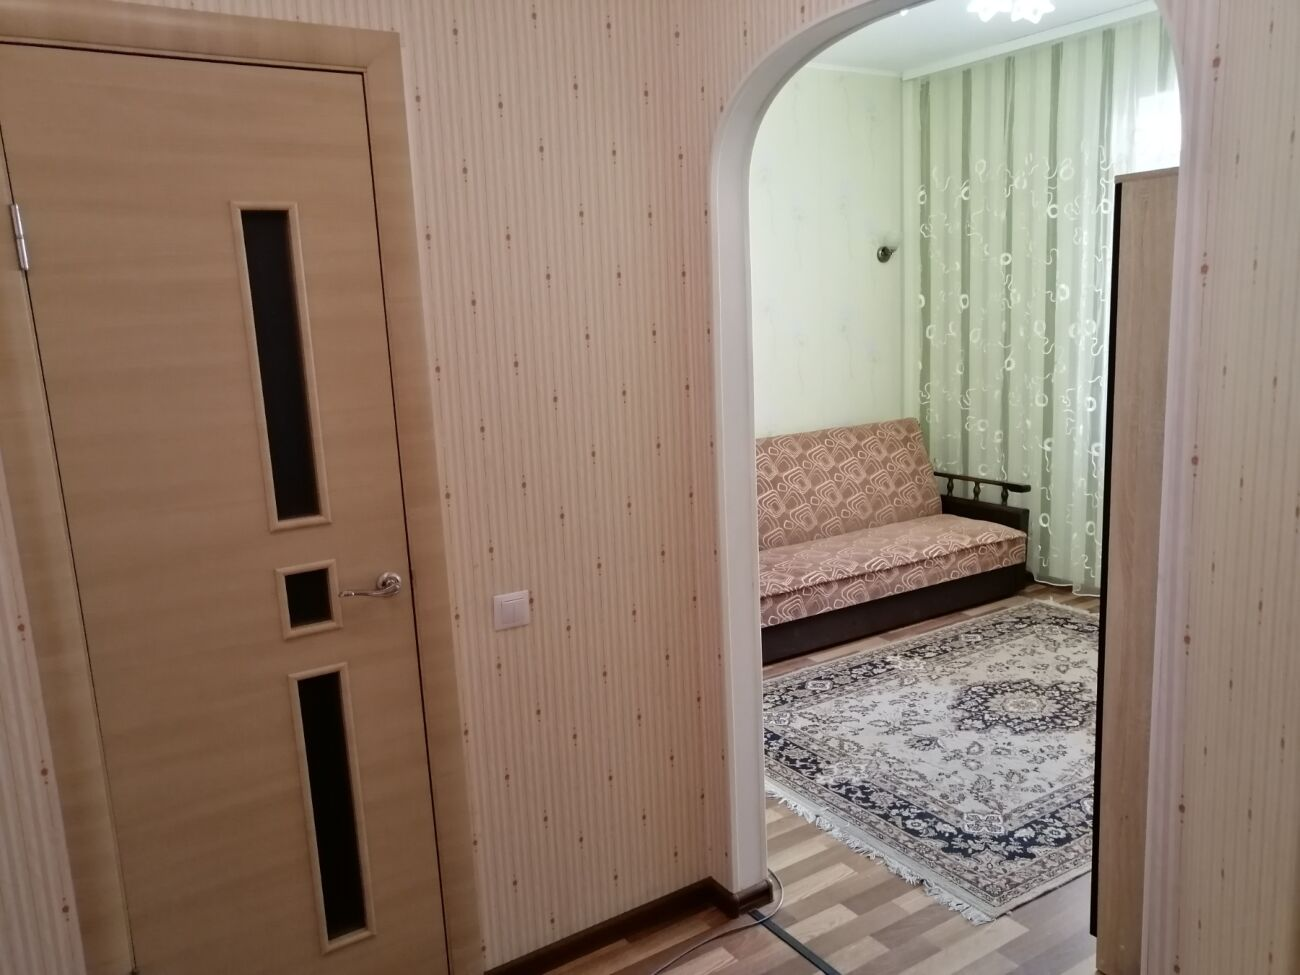 Сдам 2 ком.квартиру в ЖК Радужный, 11. Сдается с 16.05.